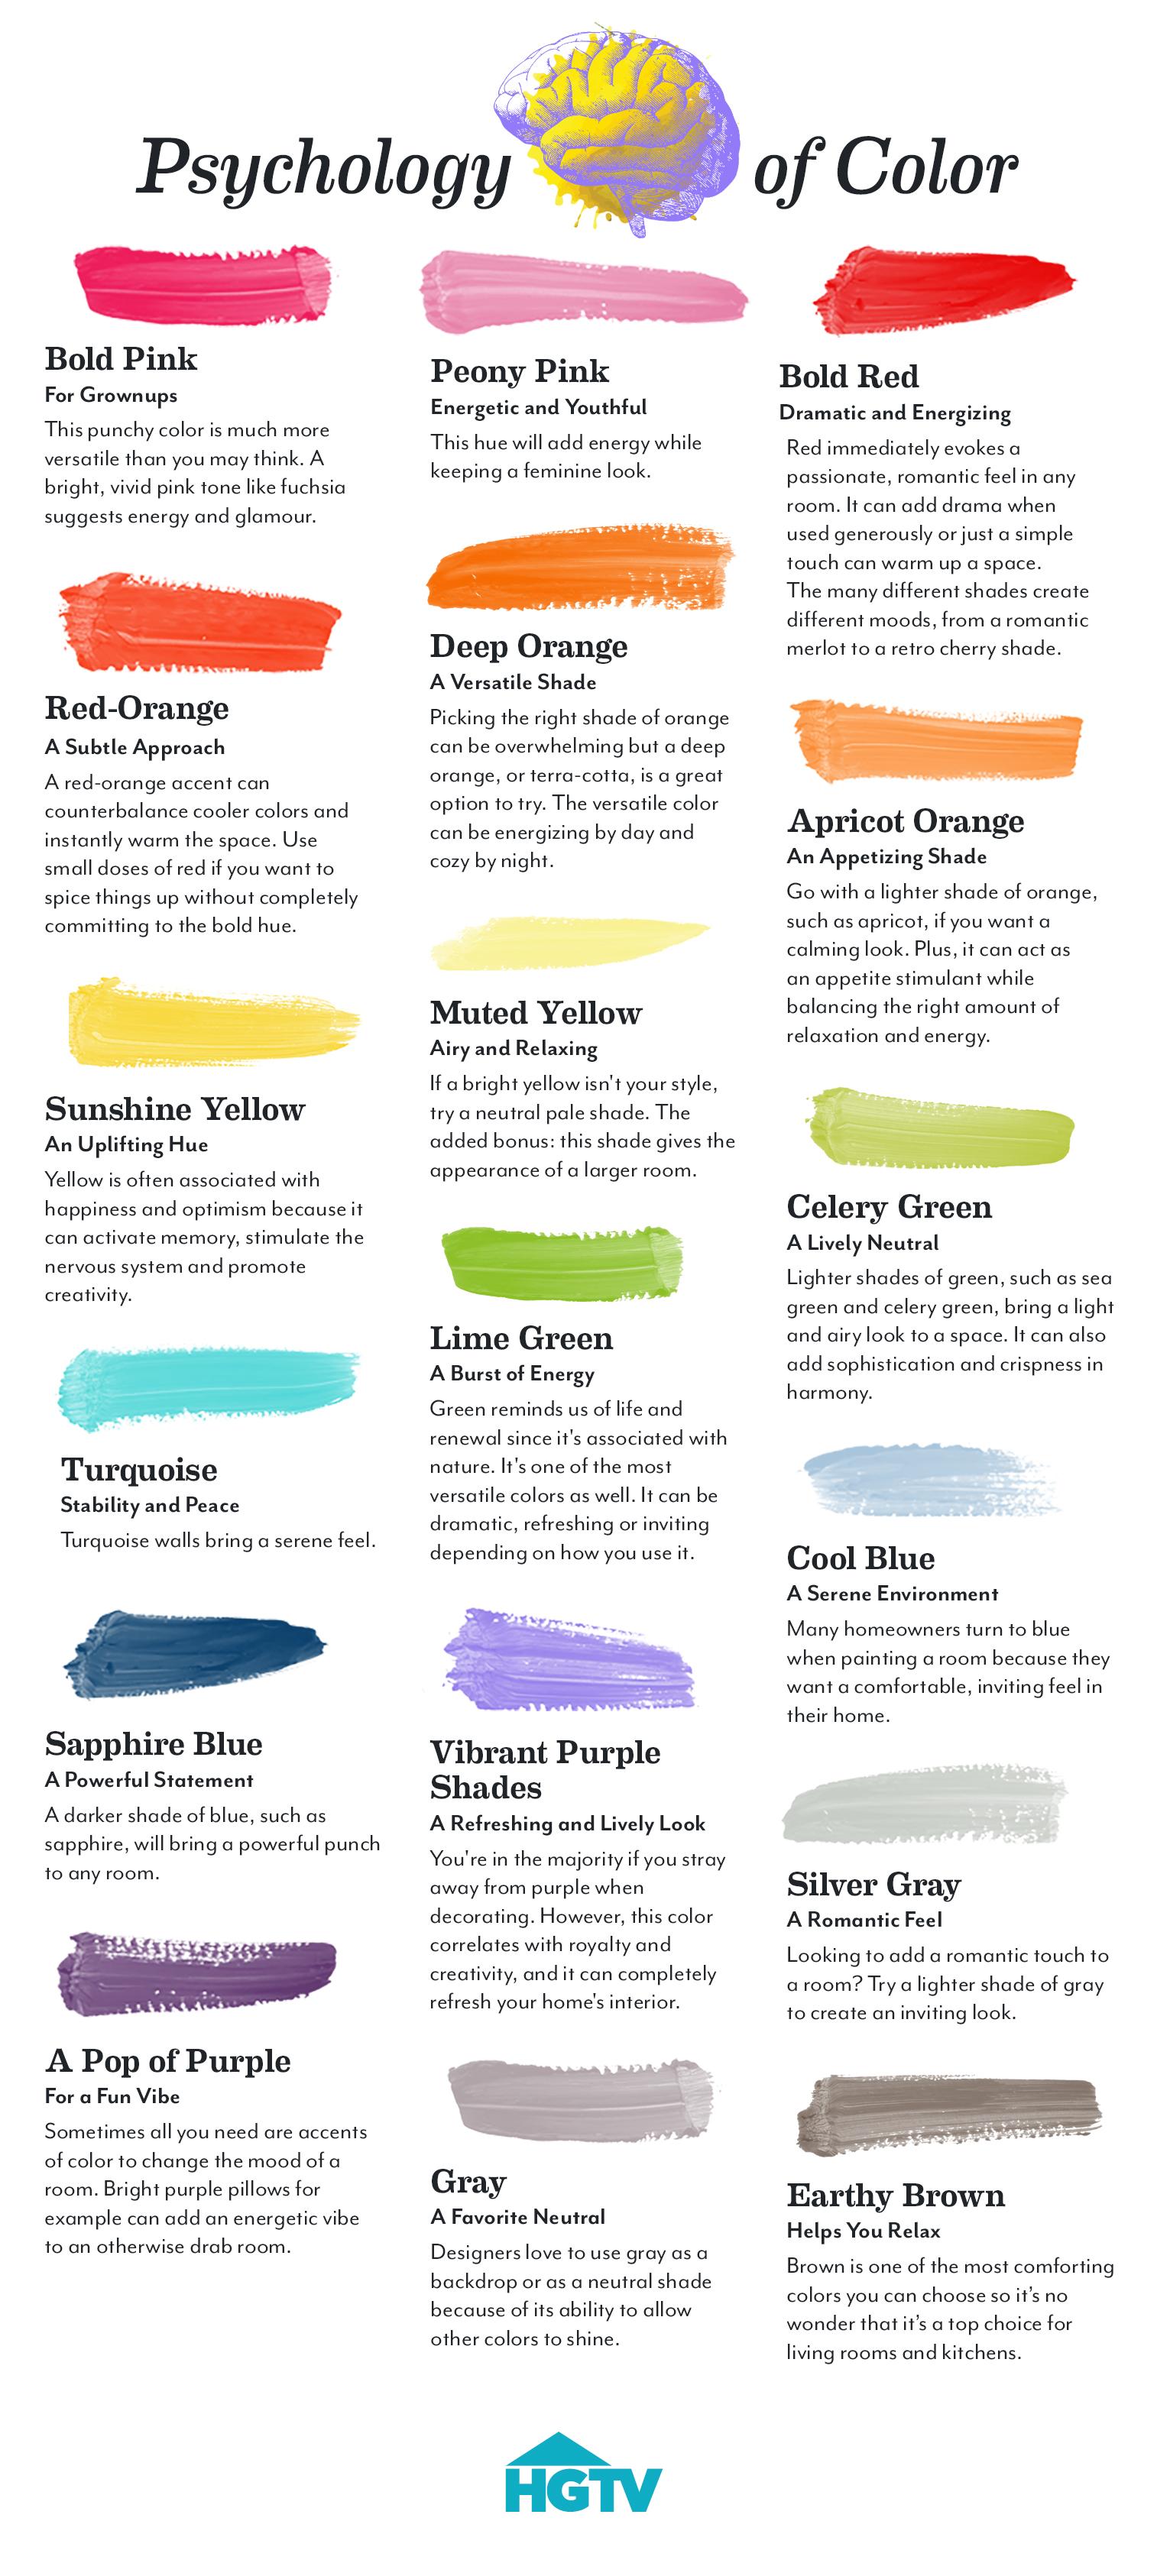 color psychology.jpg